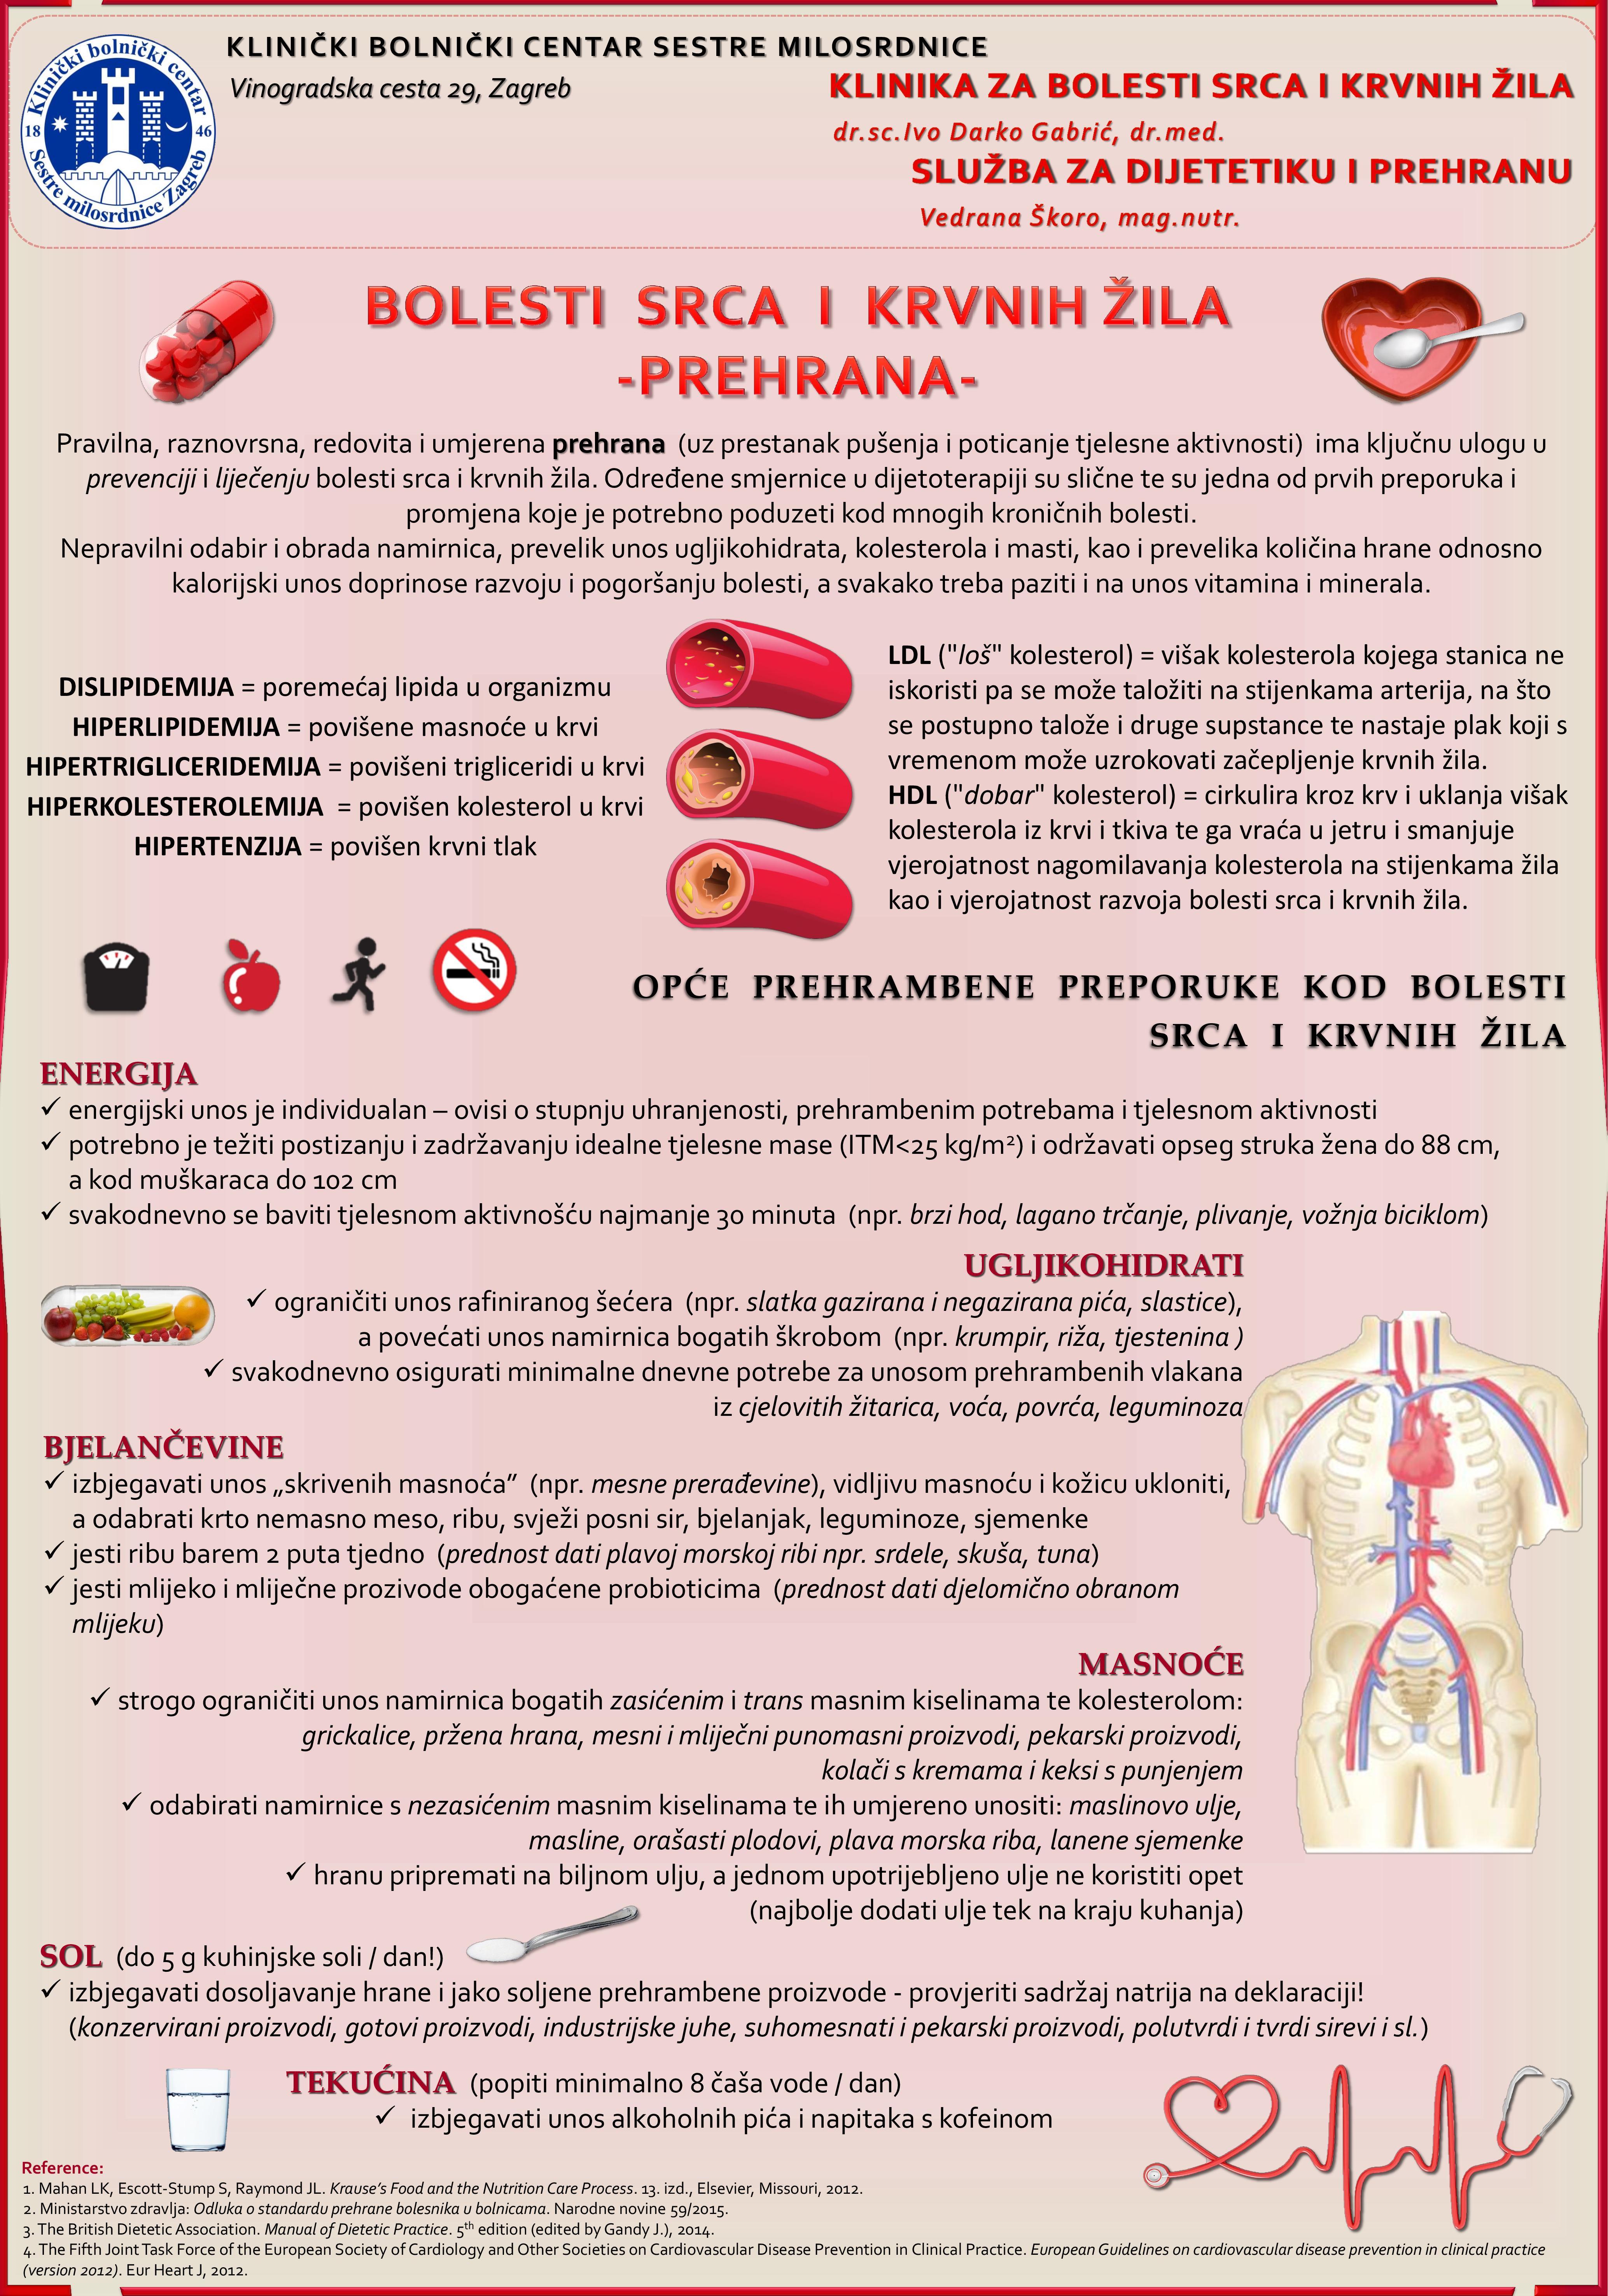 dijeta hipertenzija i koronarna bolest srca)